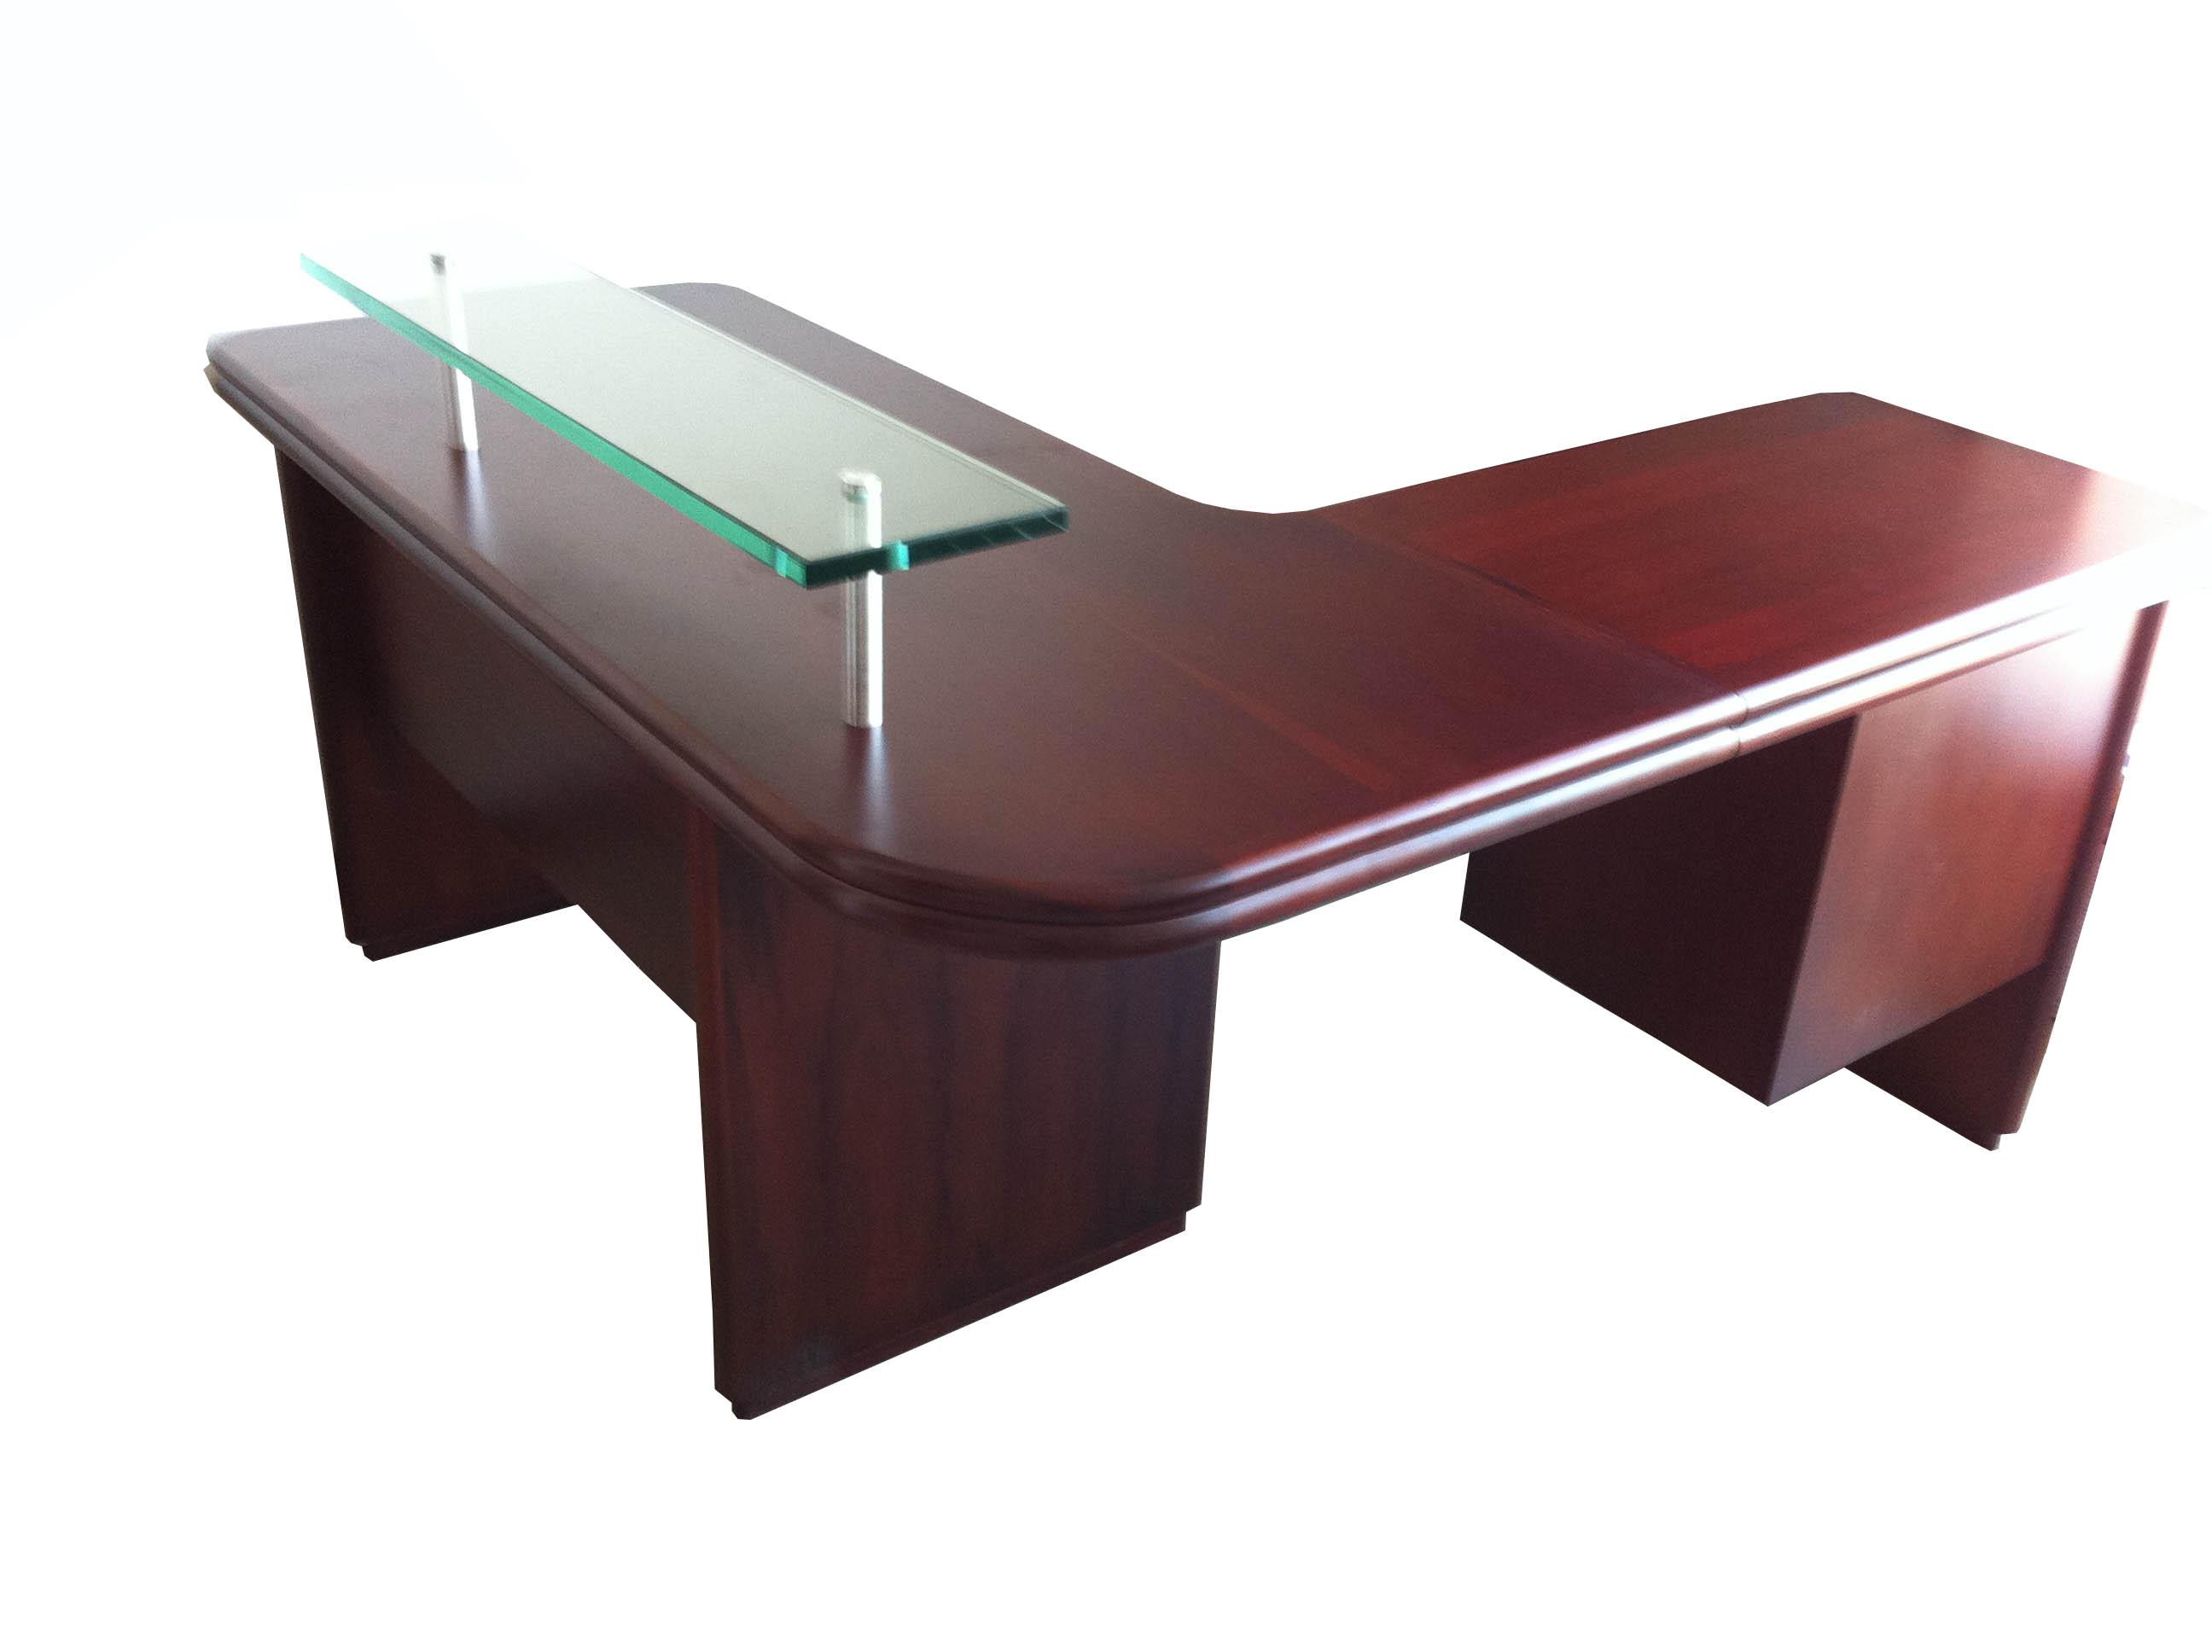 Muebles Bogota Muebles Oficina Sillas Archivadores Recepcion  # Muebles Madera Bogota